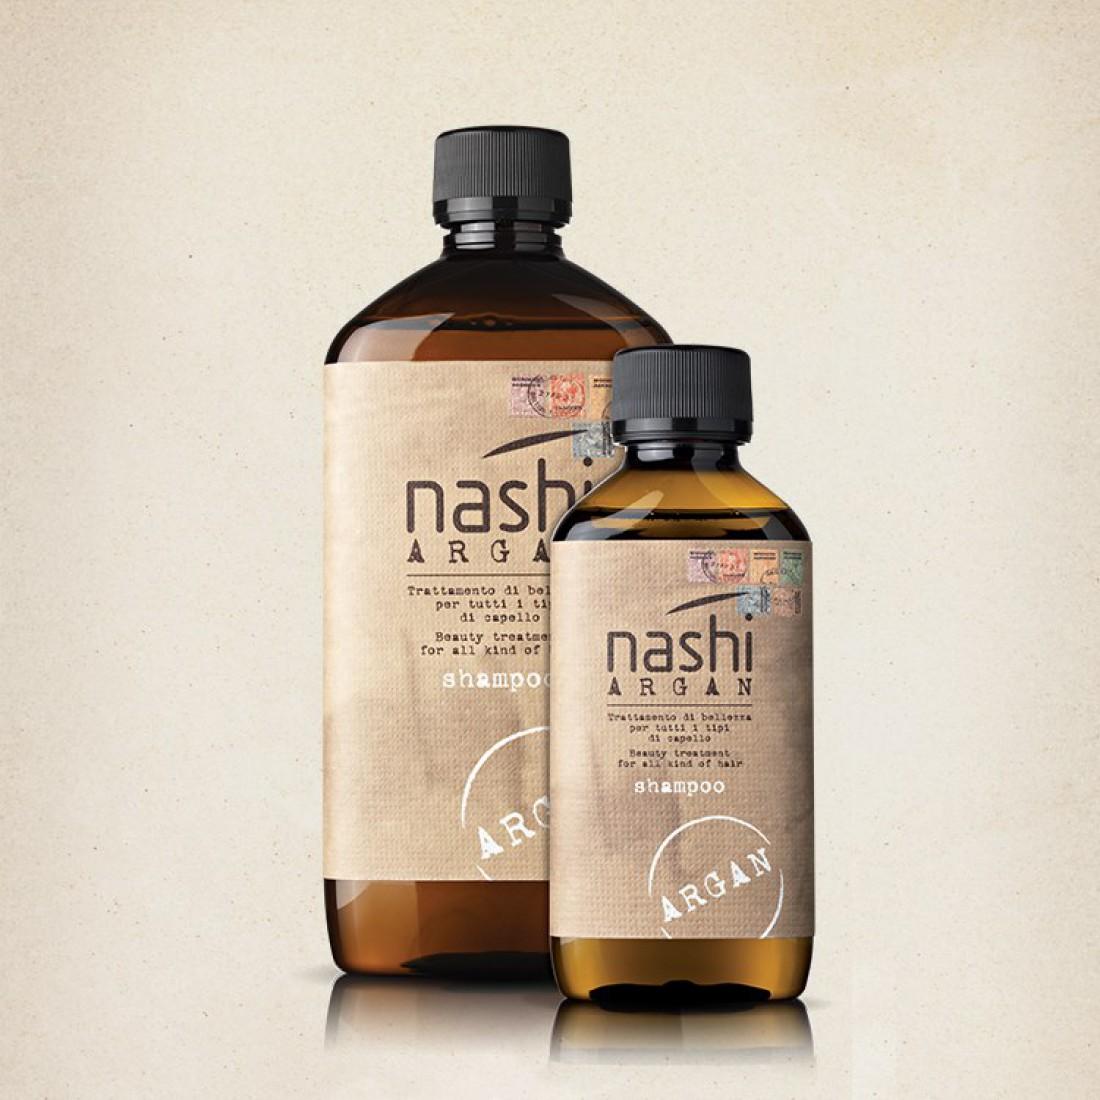 Шампунь для волос от Nashi Argan